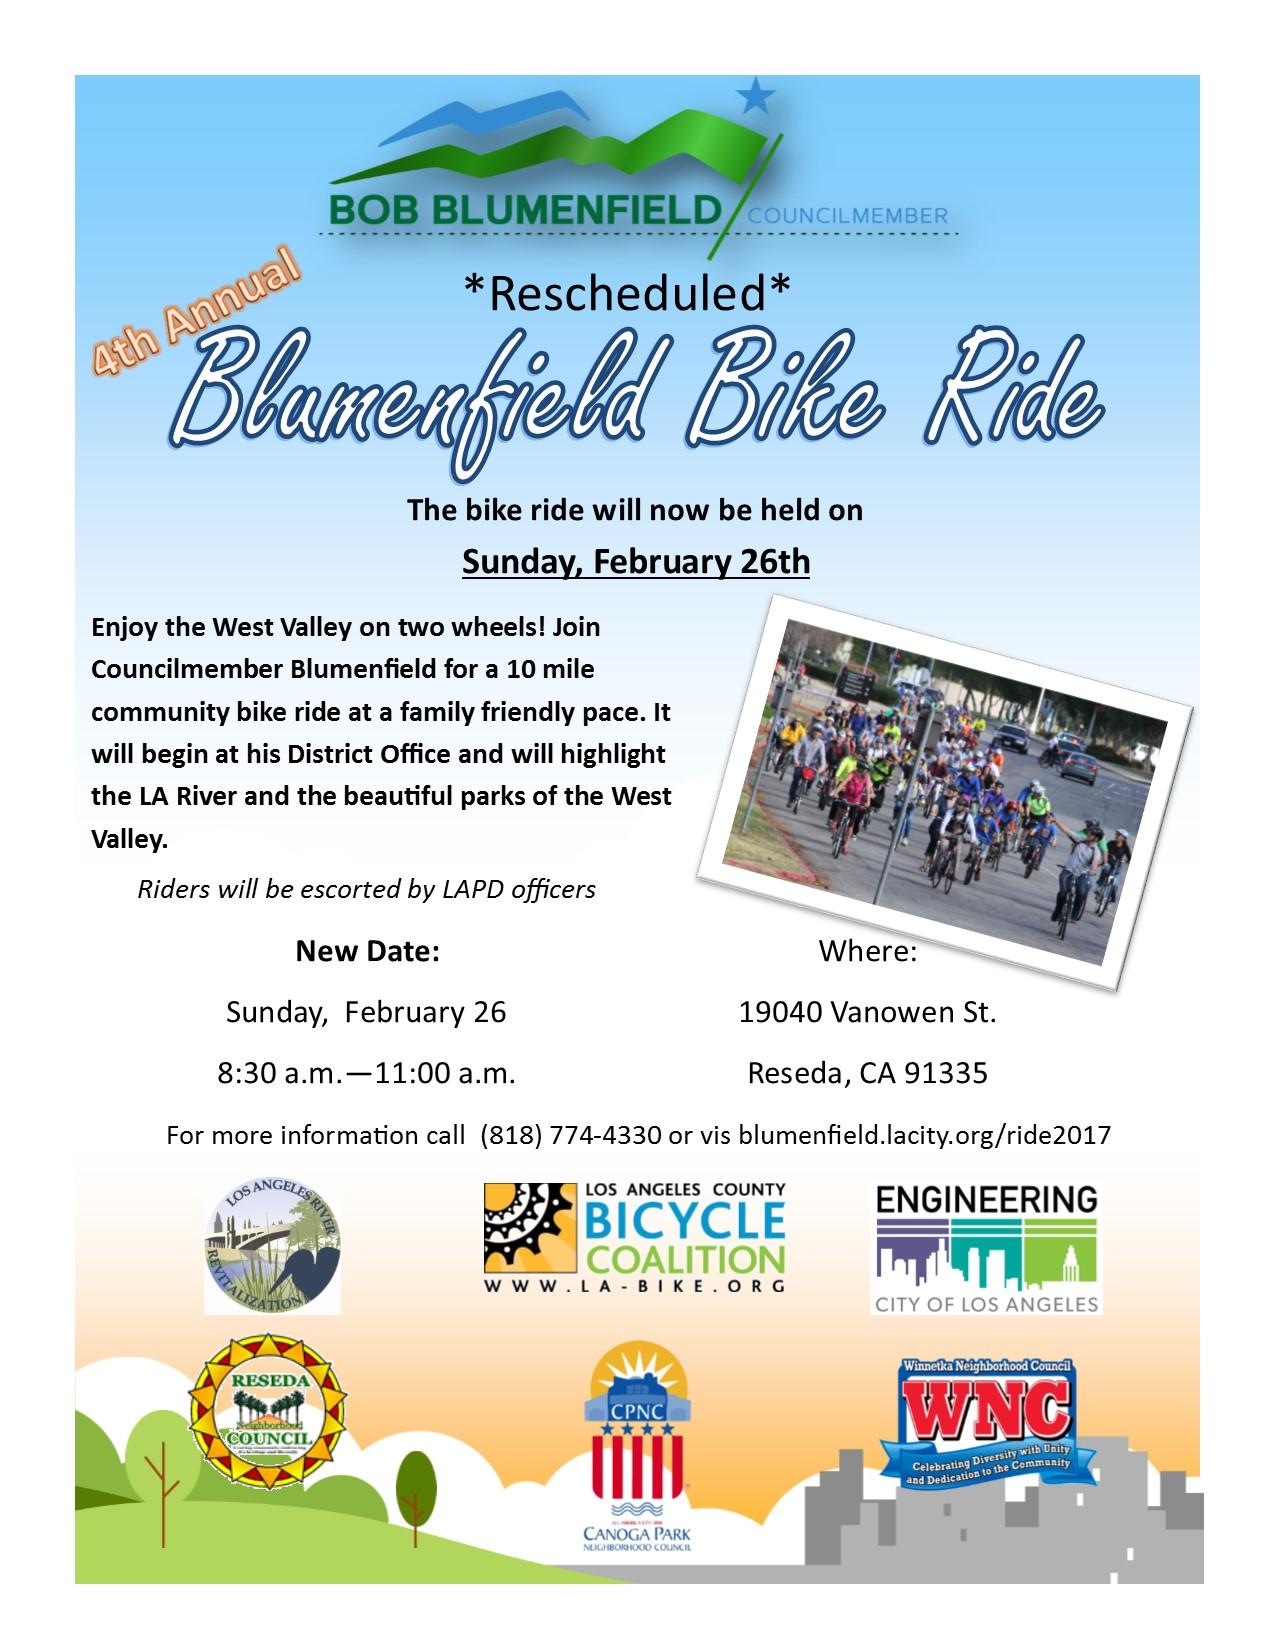 Blumenfield_Bike_Ride_Flyer_2.26.17_RESCHEDULE_FINAL.jpg